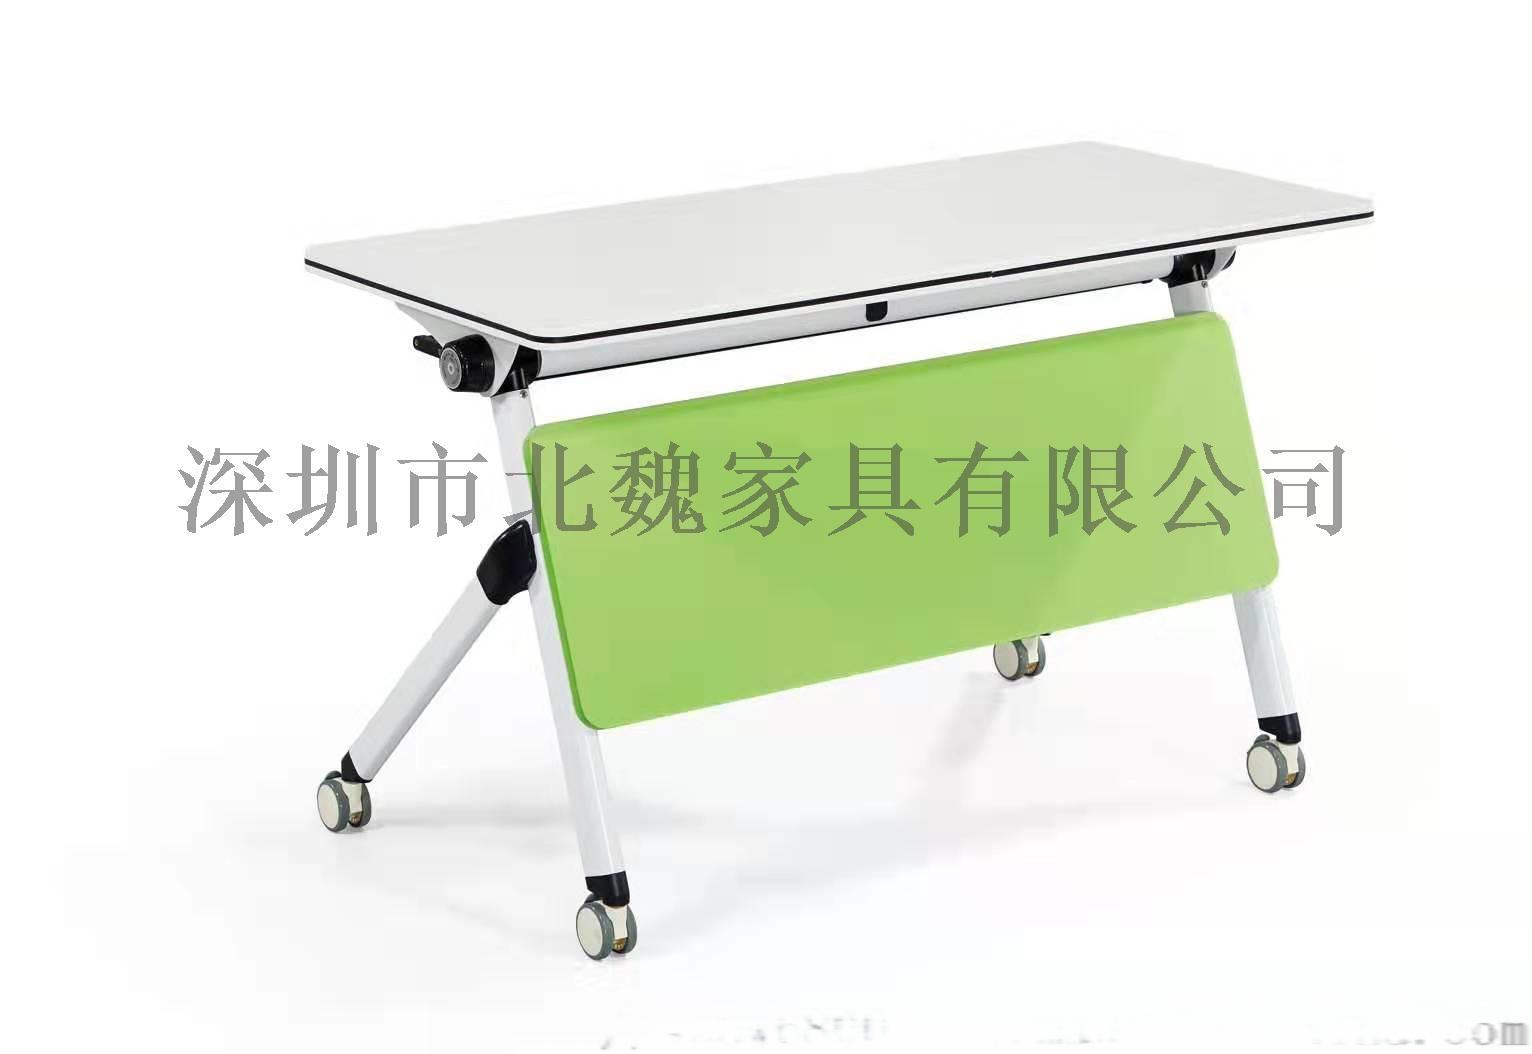 培训班折叠桌椅-员工折叠培训桌椅-可移动培训桌椅123205275